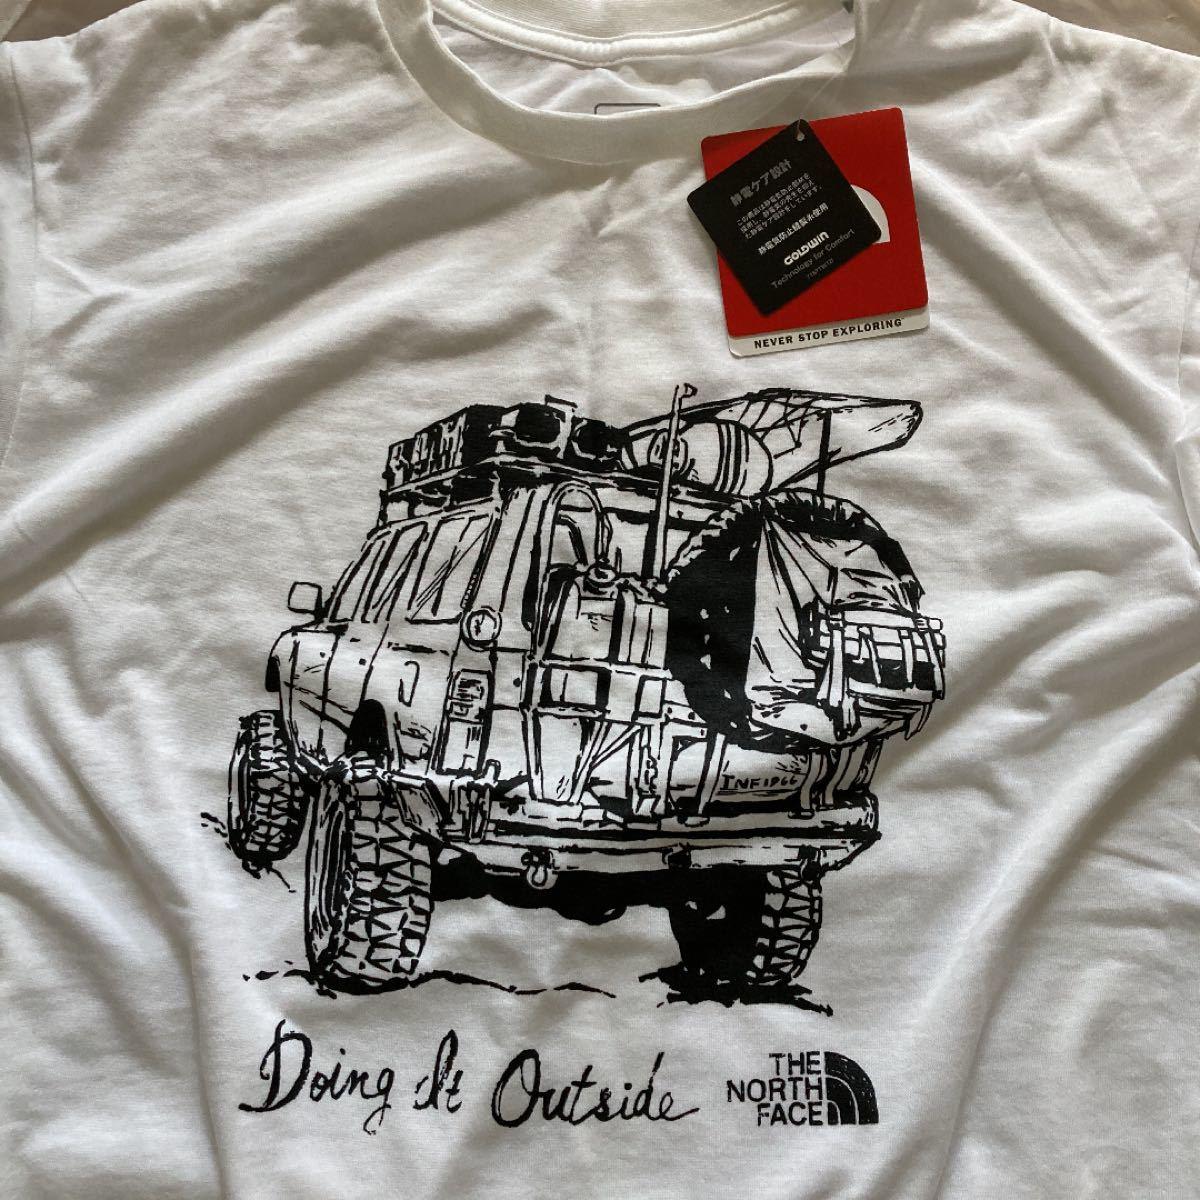 THE NORTH FACE ザノースフェイス Tシャツ 半袖Tシャツ